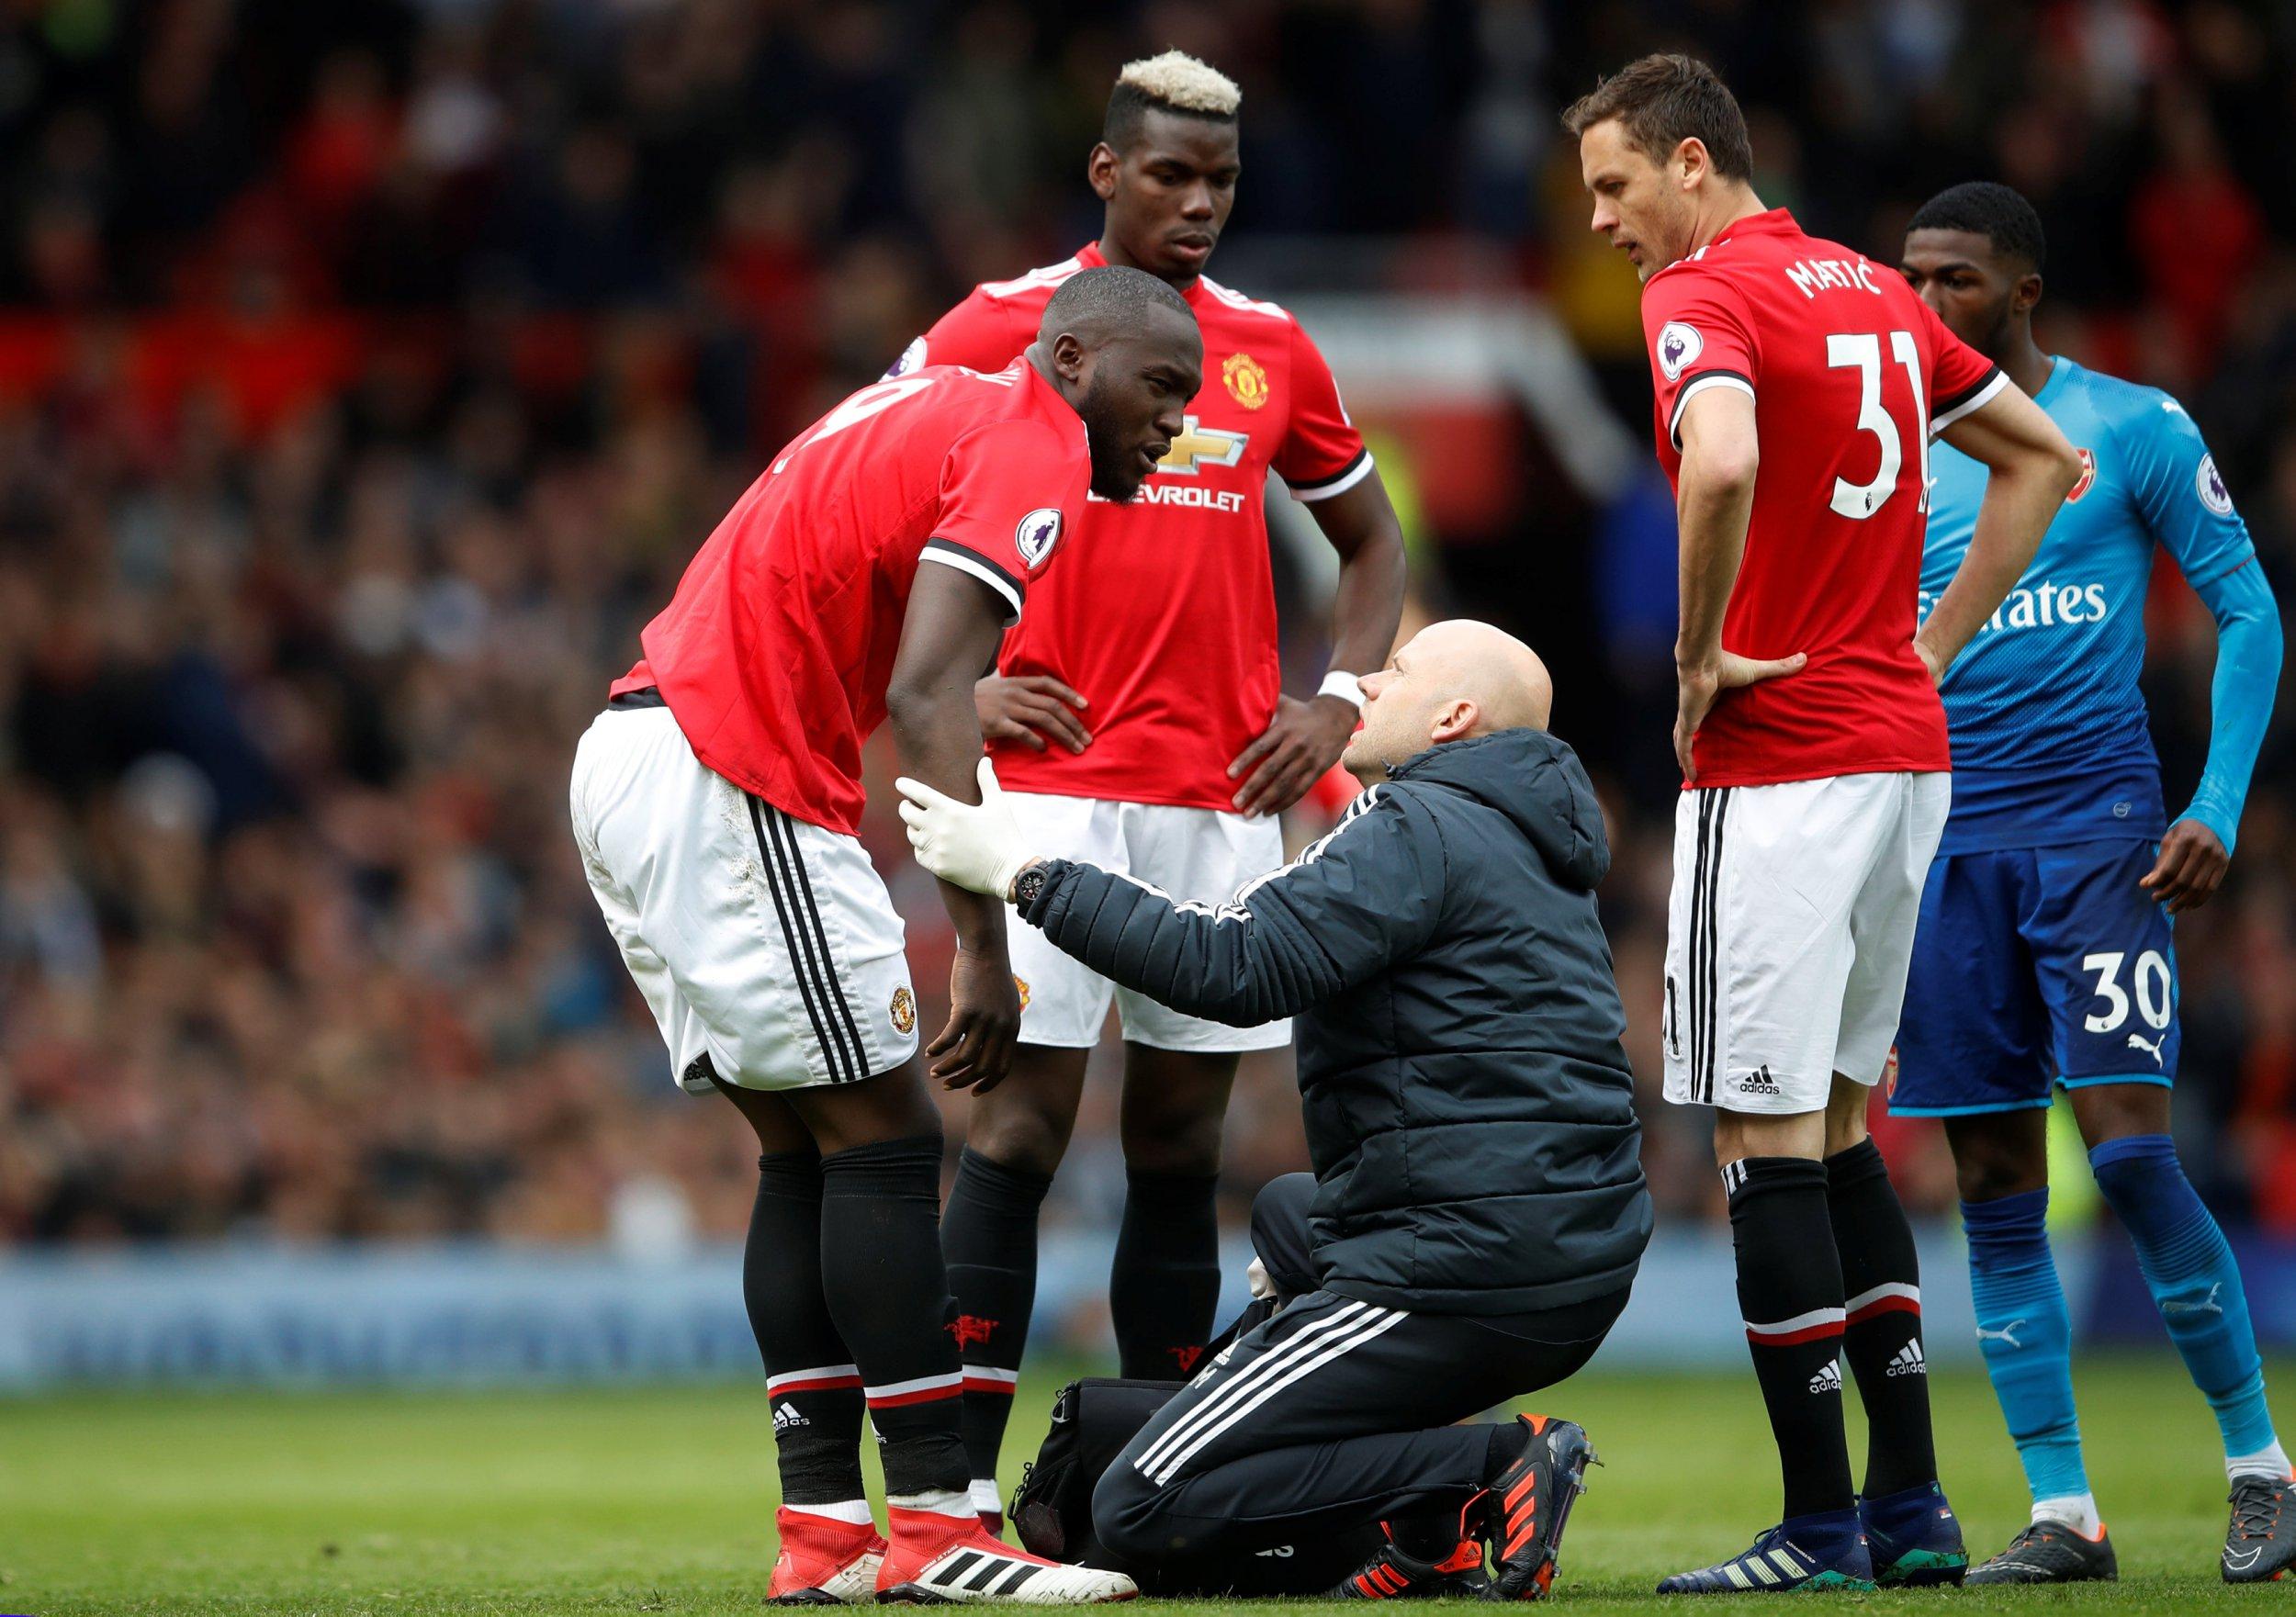 Romelu Lukaku posts injury update on Instagram ahead of FA Cup final against Chelsea